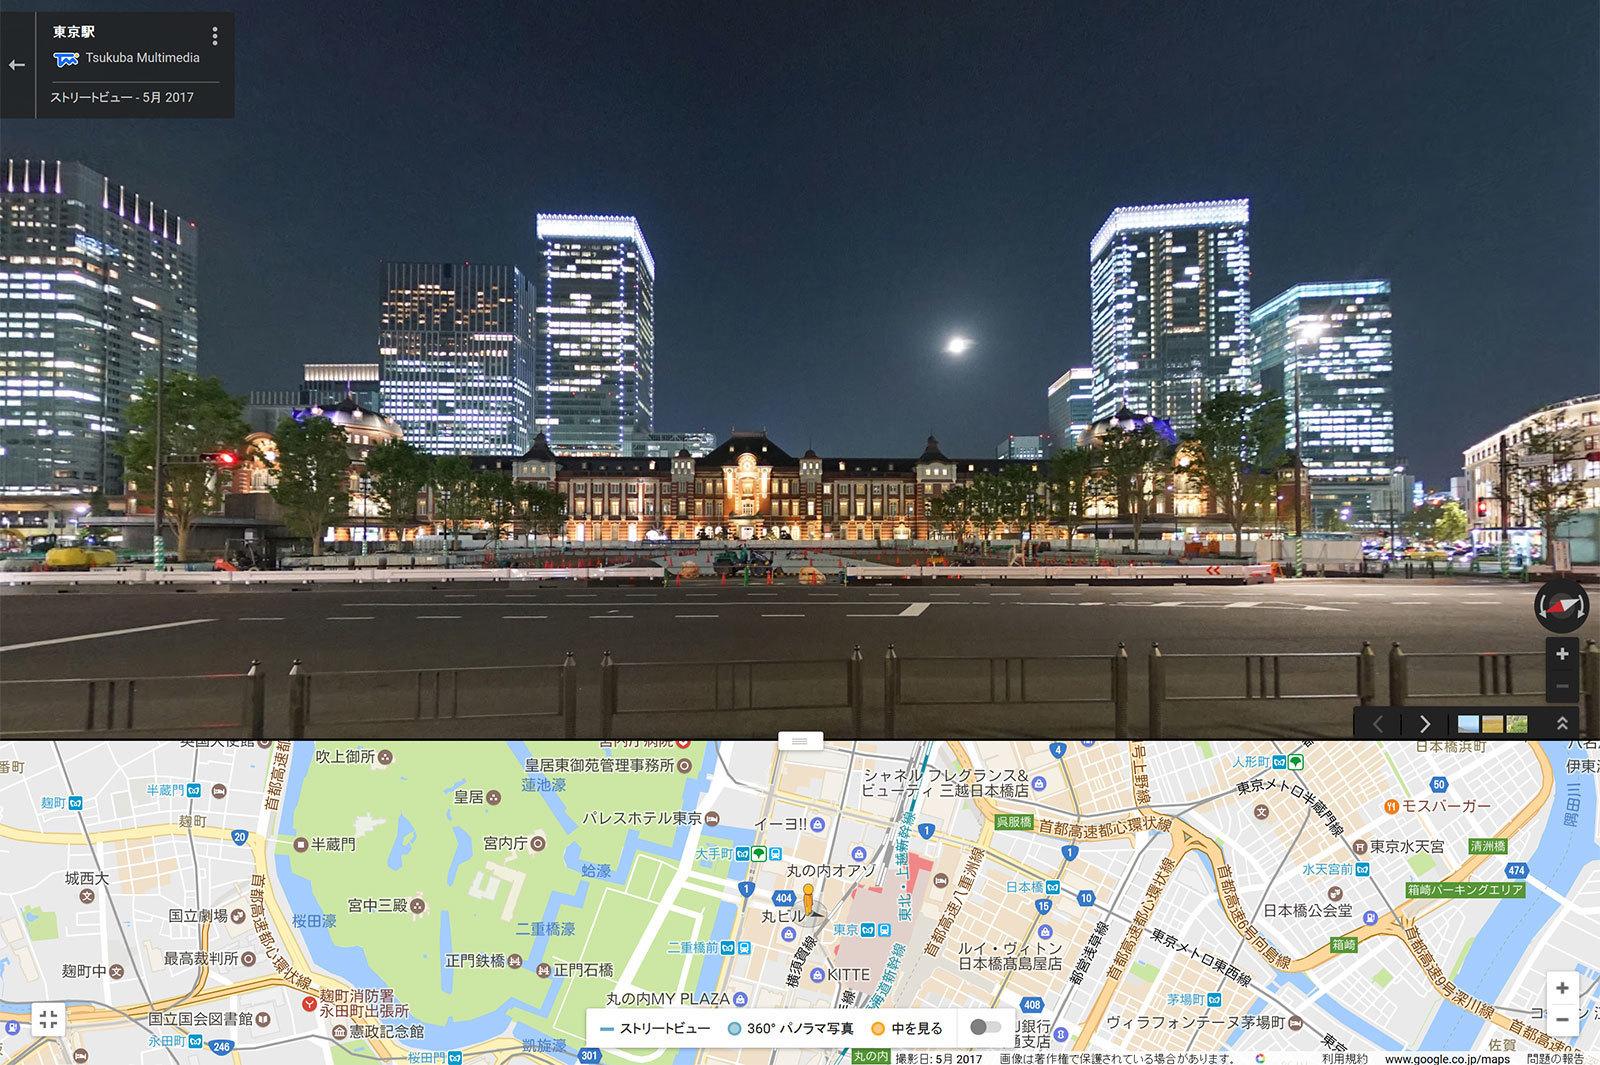 東京駅のGoogleストリートビュー写真